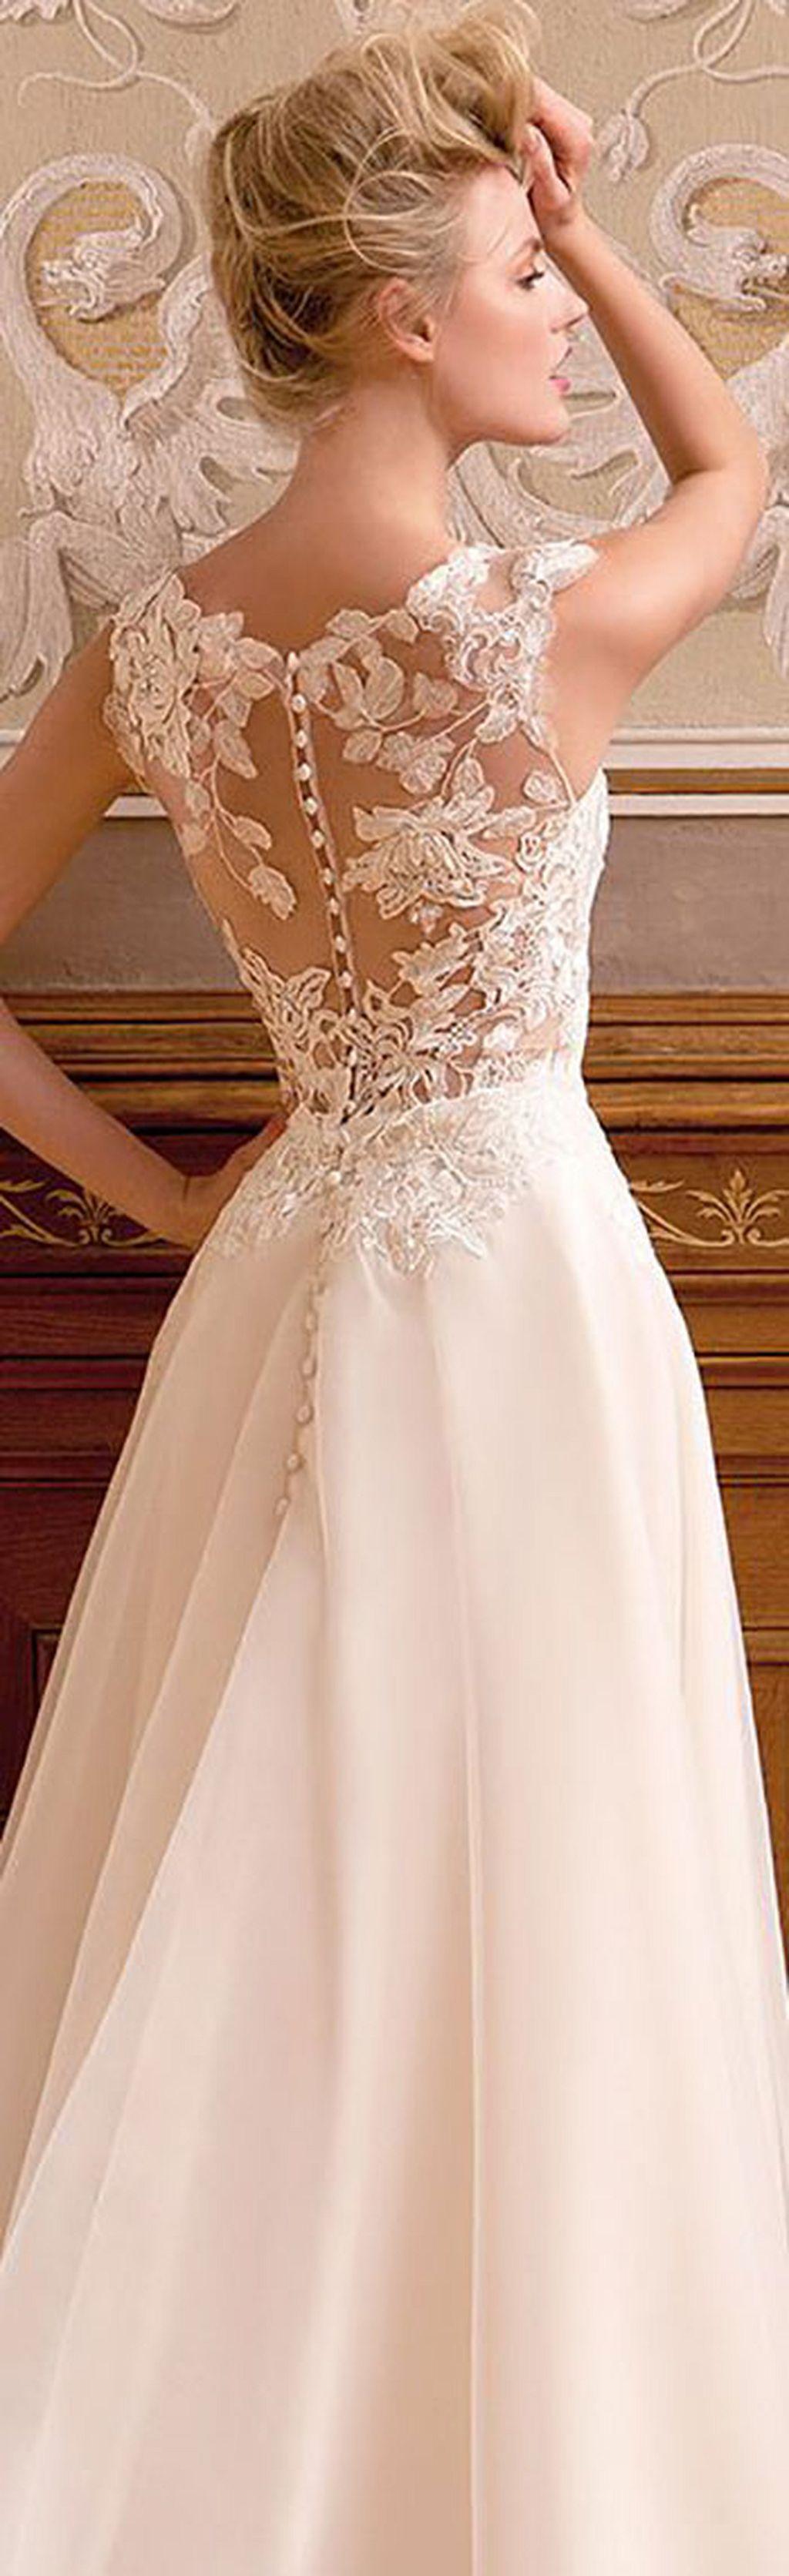 Vintageweddingdressideas dress ideas vintage weddings and